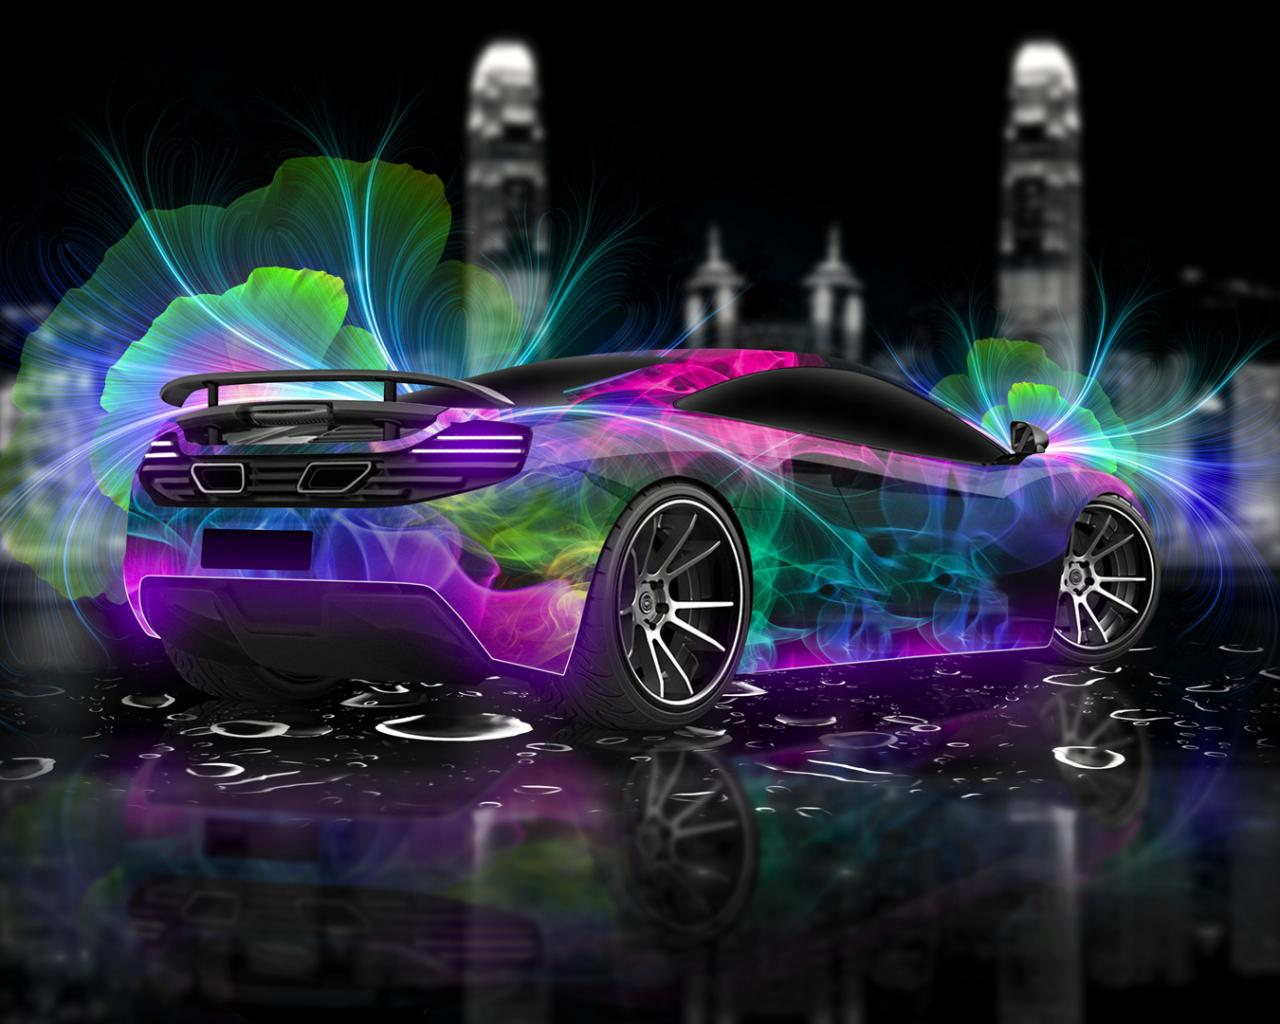 Cool Cars Wallpapers - WallpaperSafari